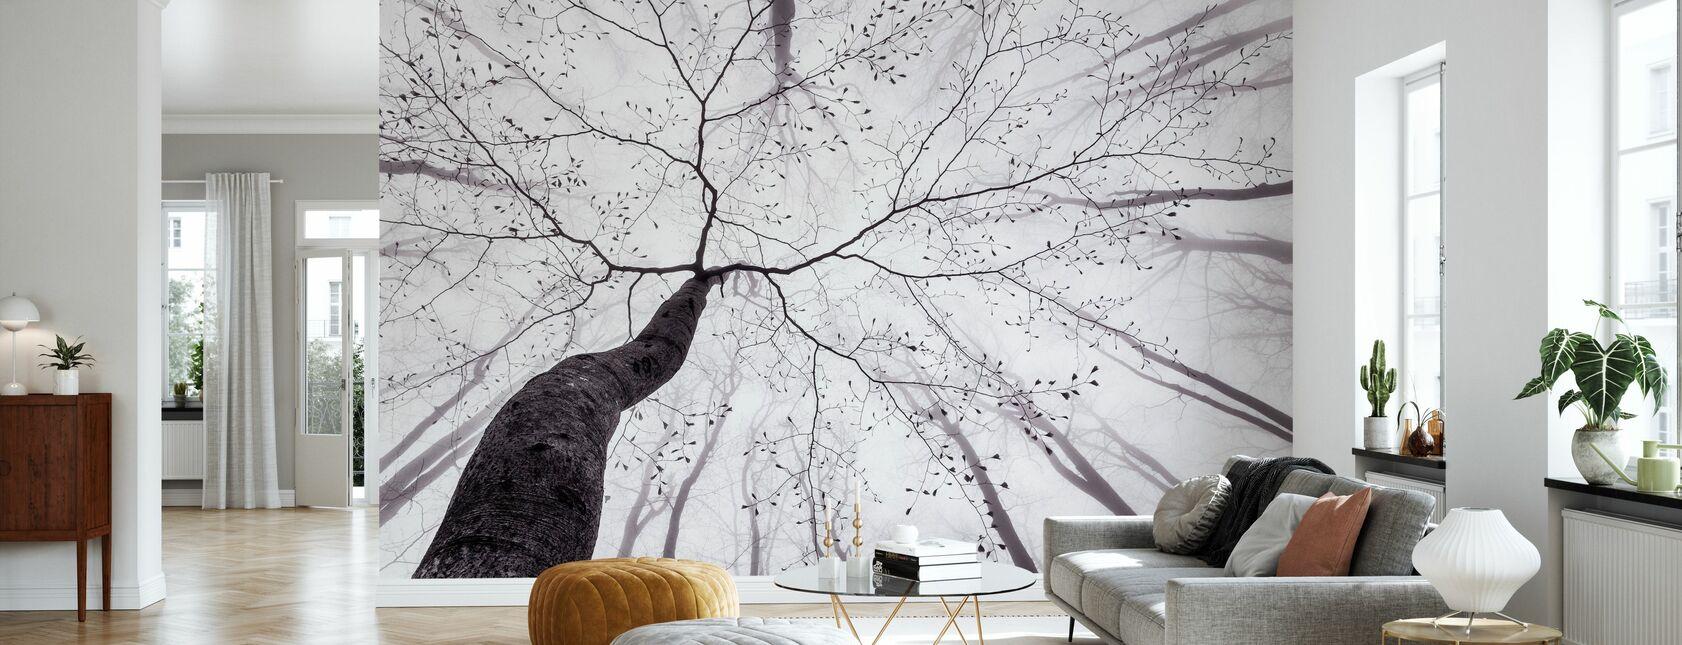 Veduta della corona dell'albero - Carta da parati - Salotto